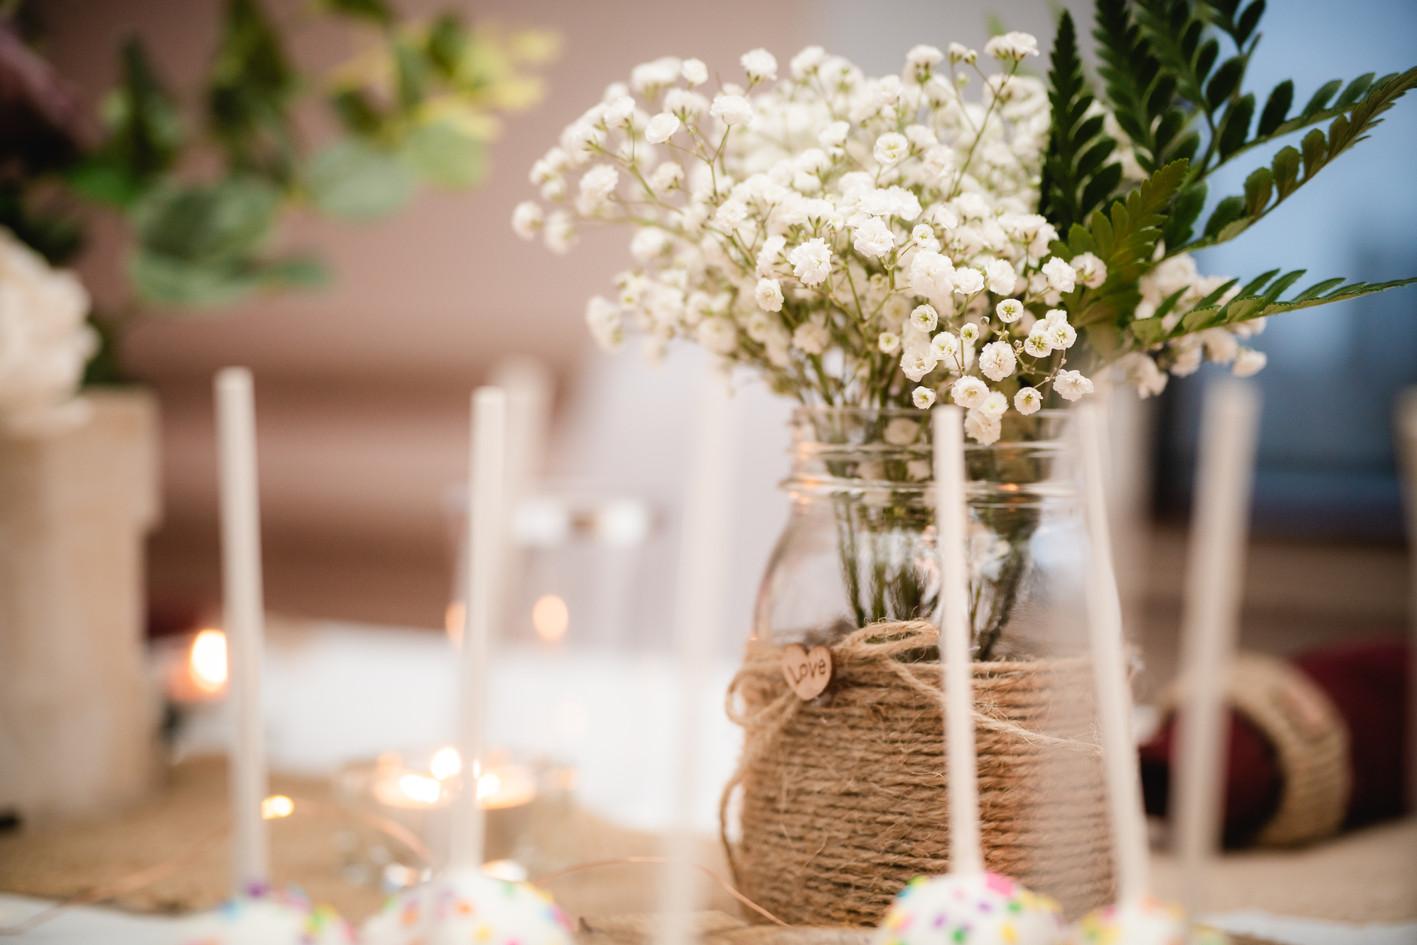 Jercio & Reyna Wedding 9-14-19-240.jpg